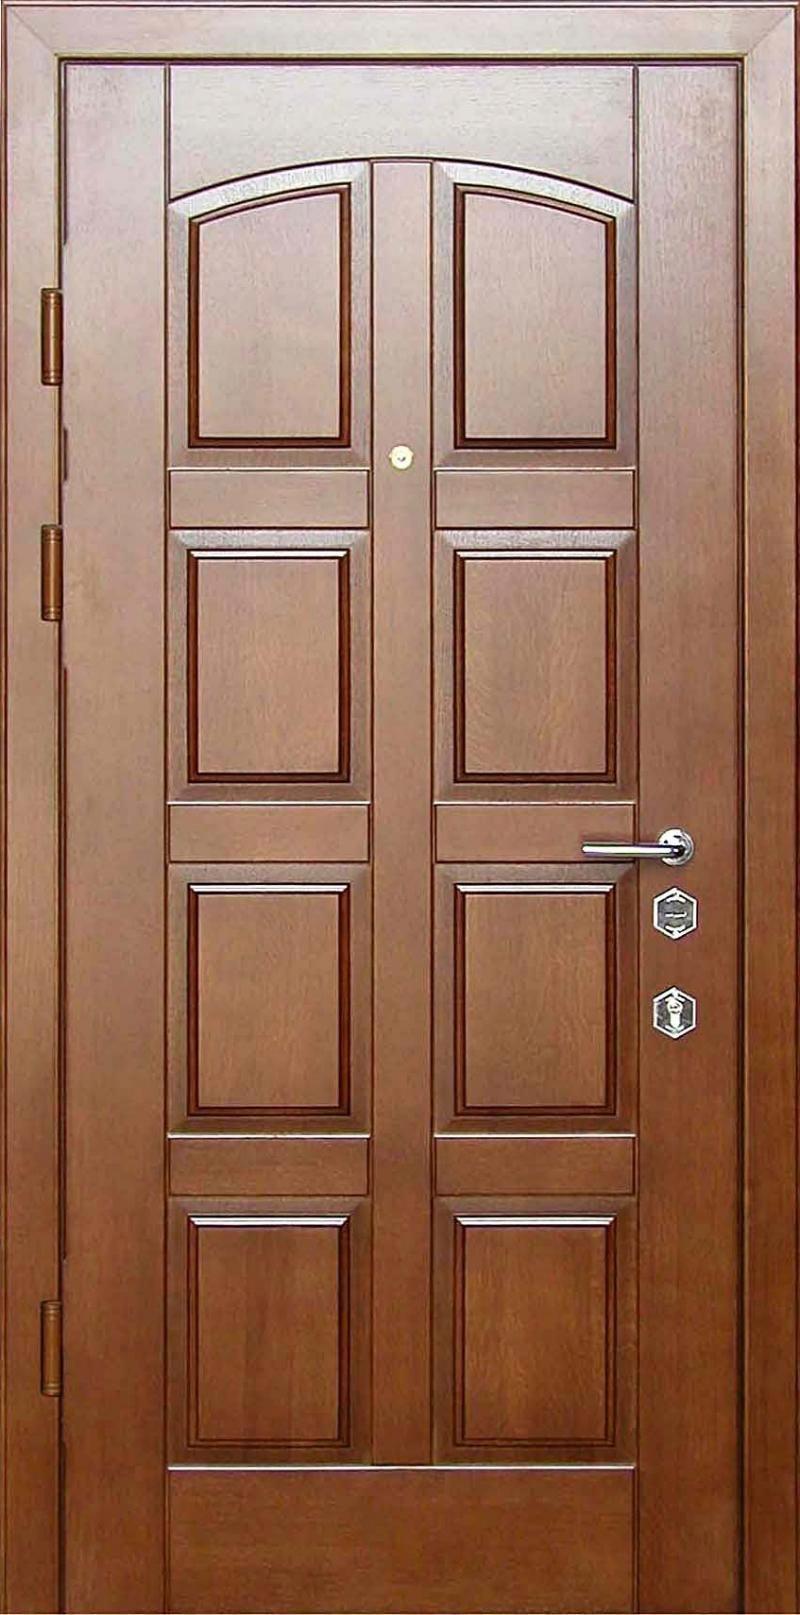 Pine Interior Doors Front Door Styles Interior Wooden Doors With Door Design Wood Wooden Doors Interior Wooden Door Design